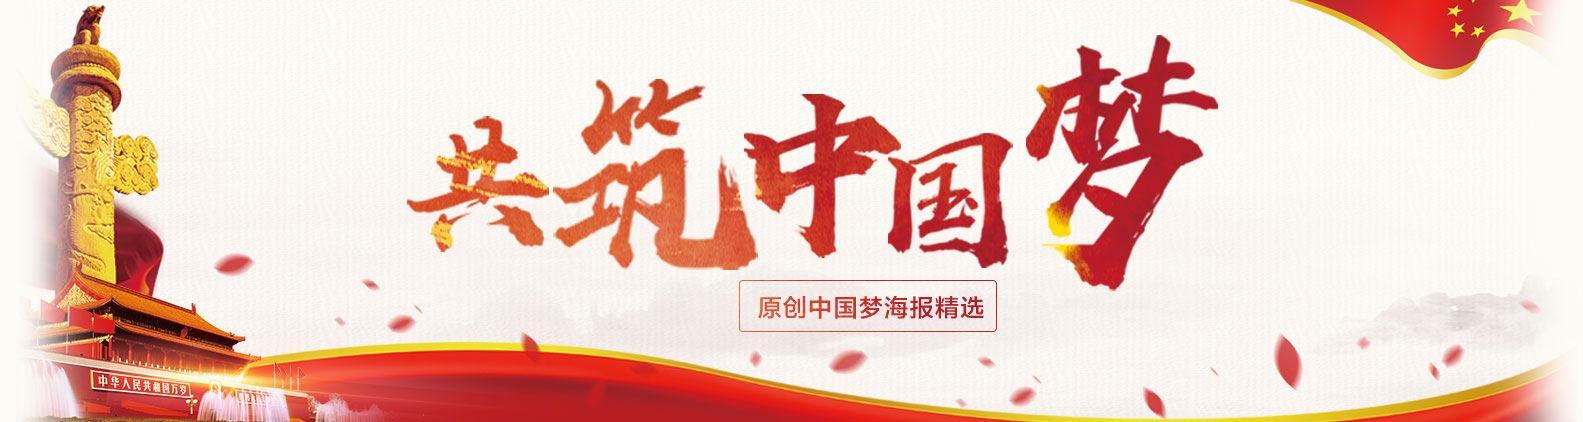 【平面】中国梦2